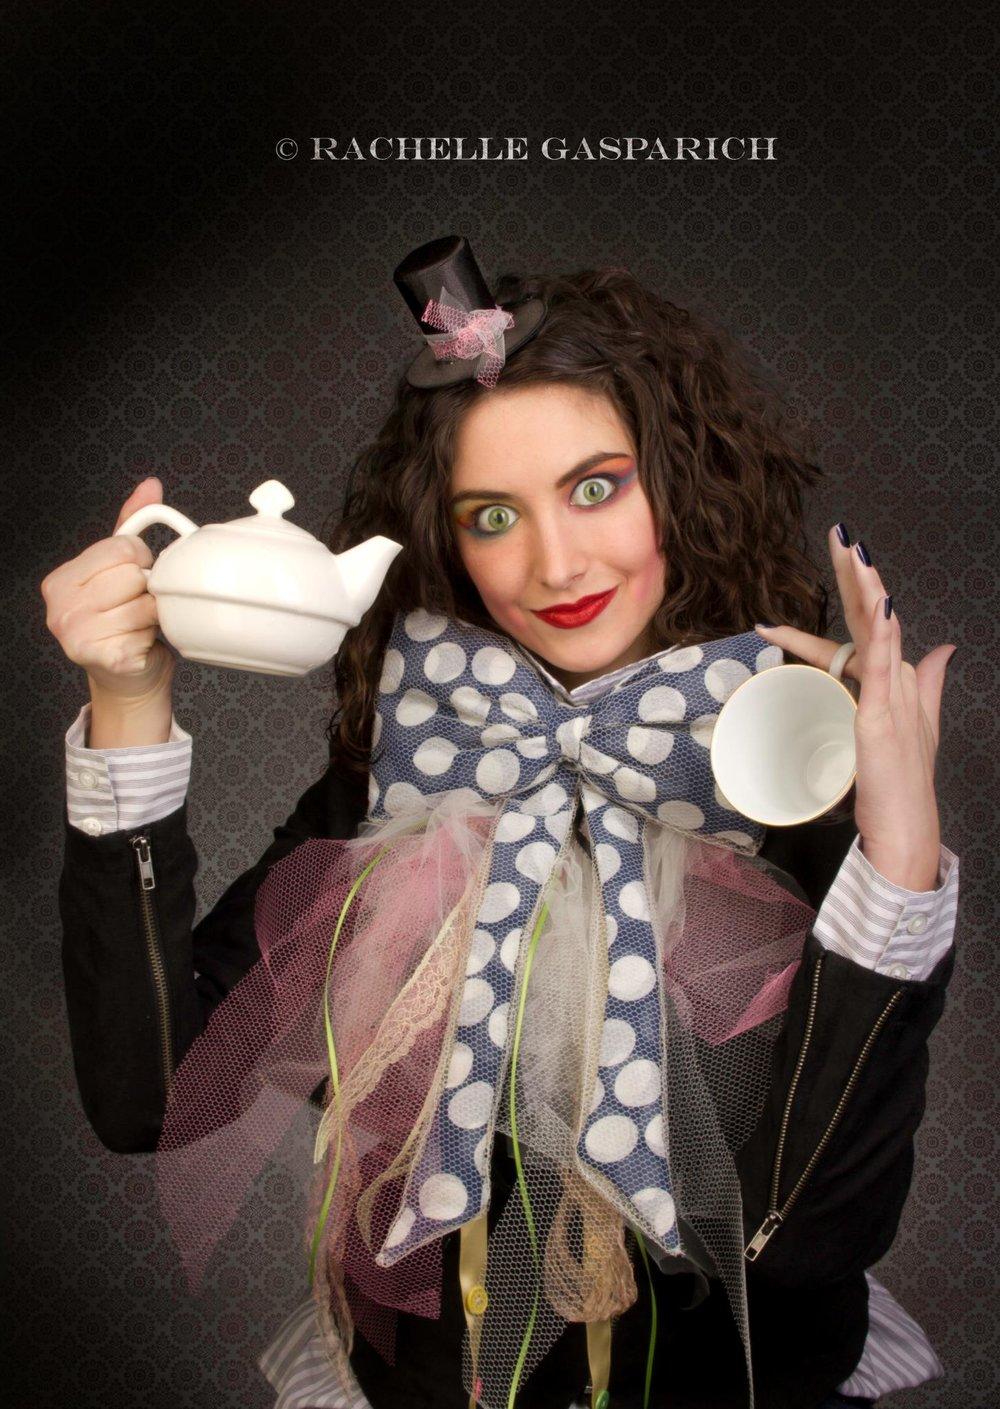 madhatter-bowtie-tea-design.jpg